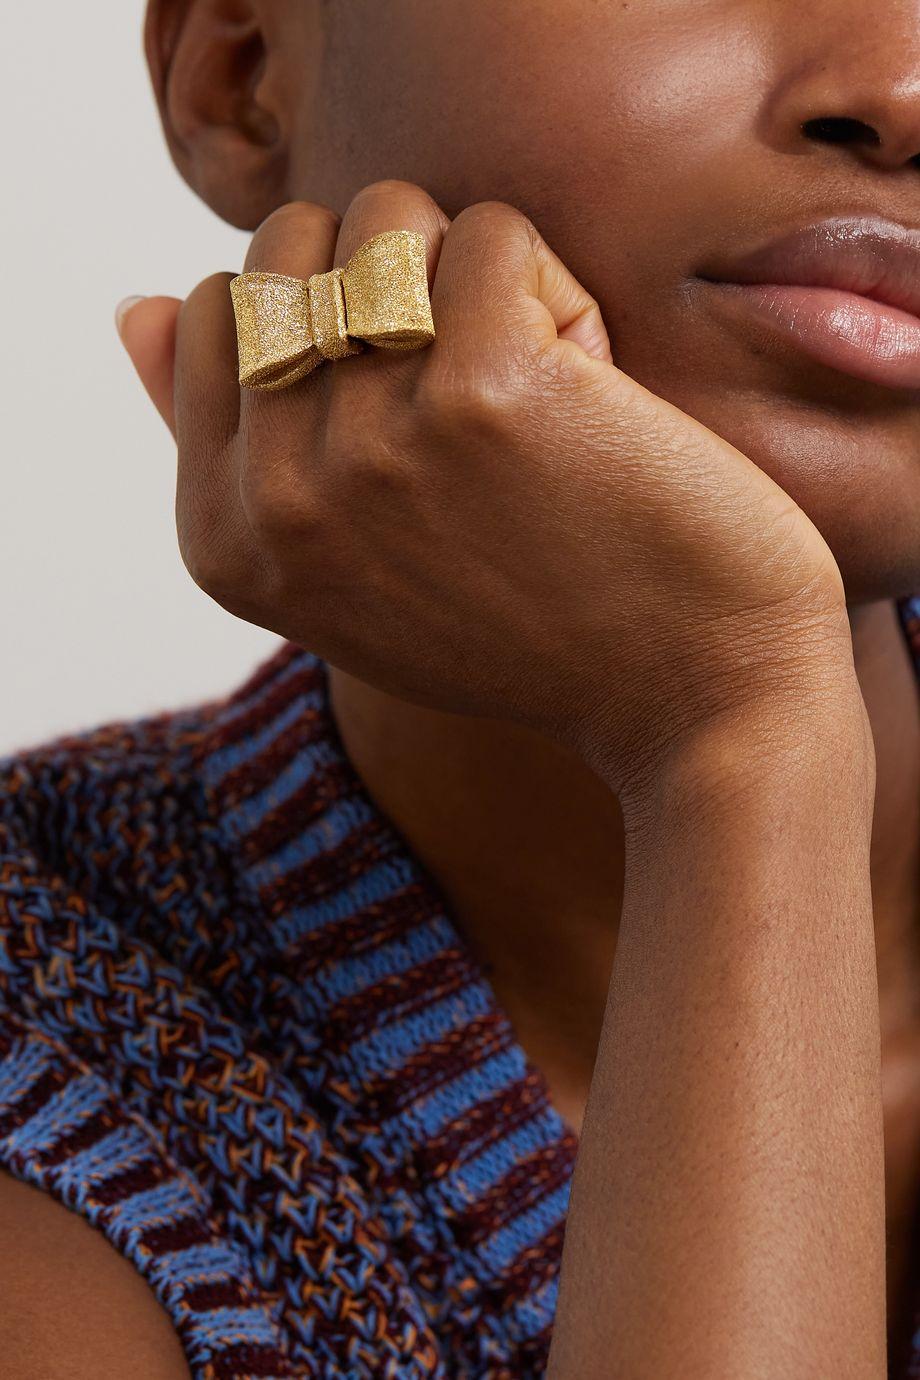 Carolina Bucci Tutto Per Te 18-karat gold ring